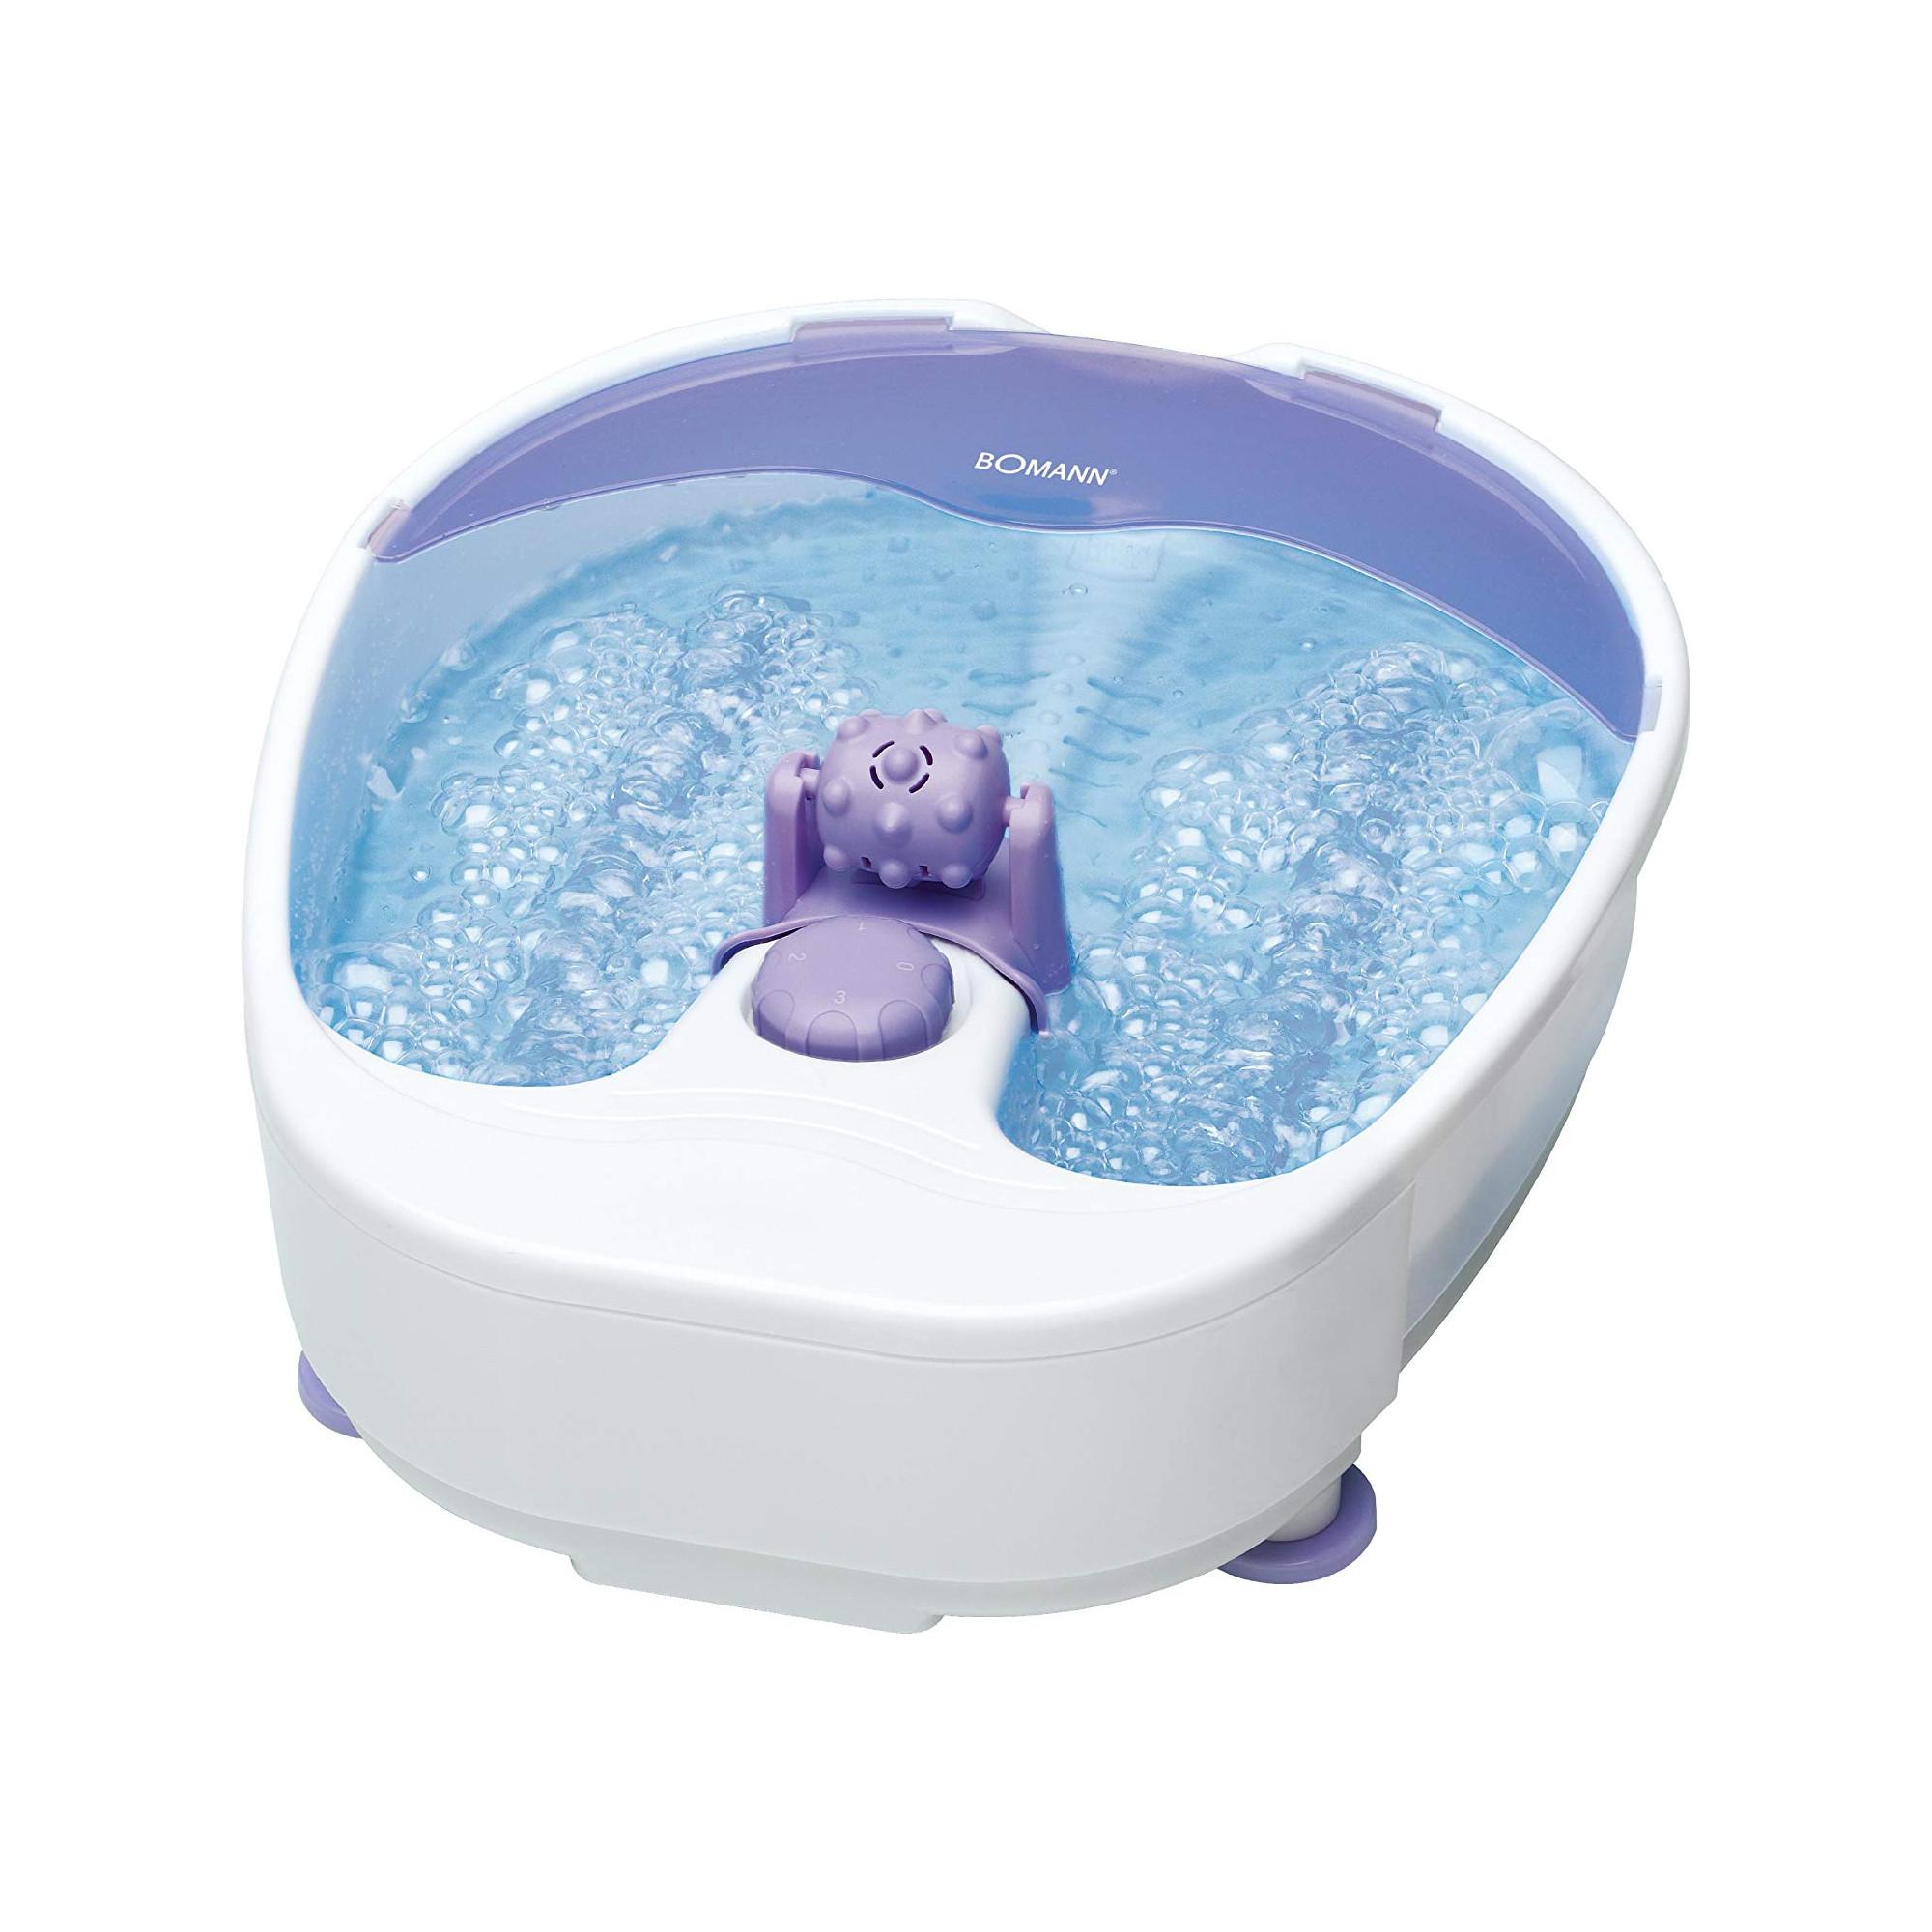 Bain de massage pour pieds - Réfléxologie plantaire